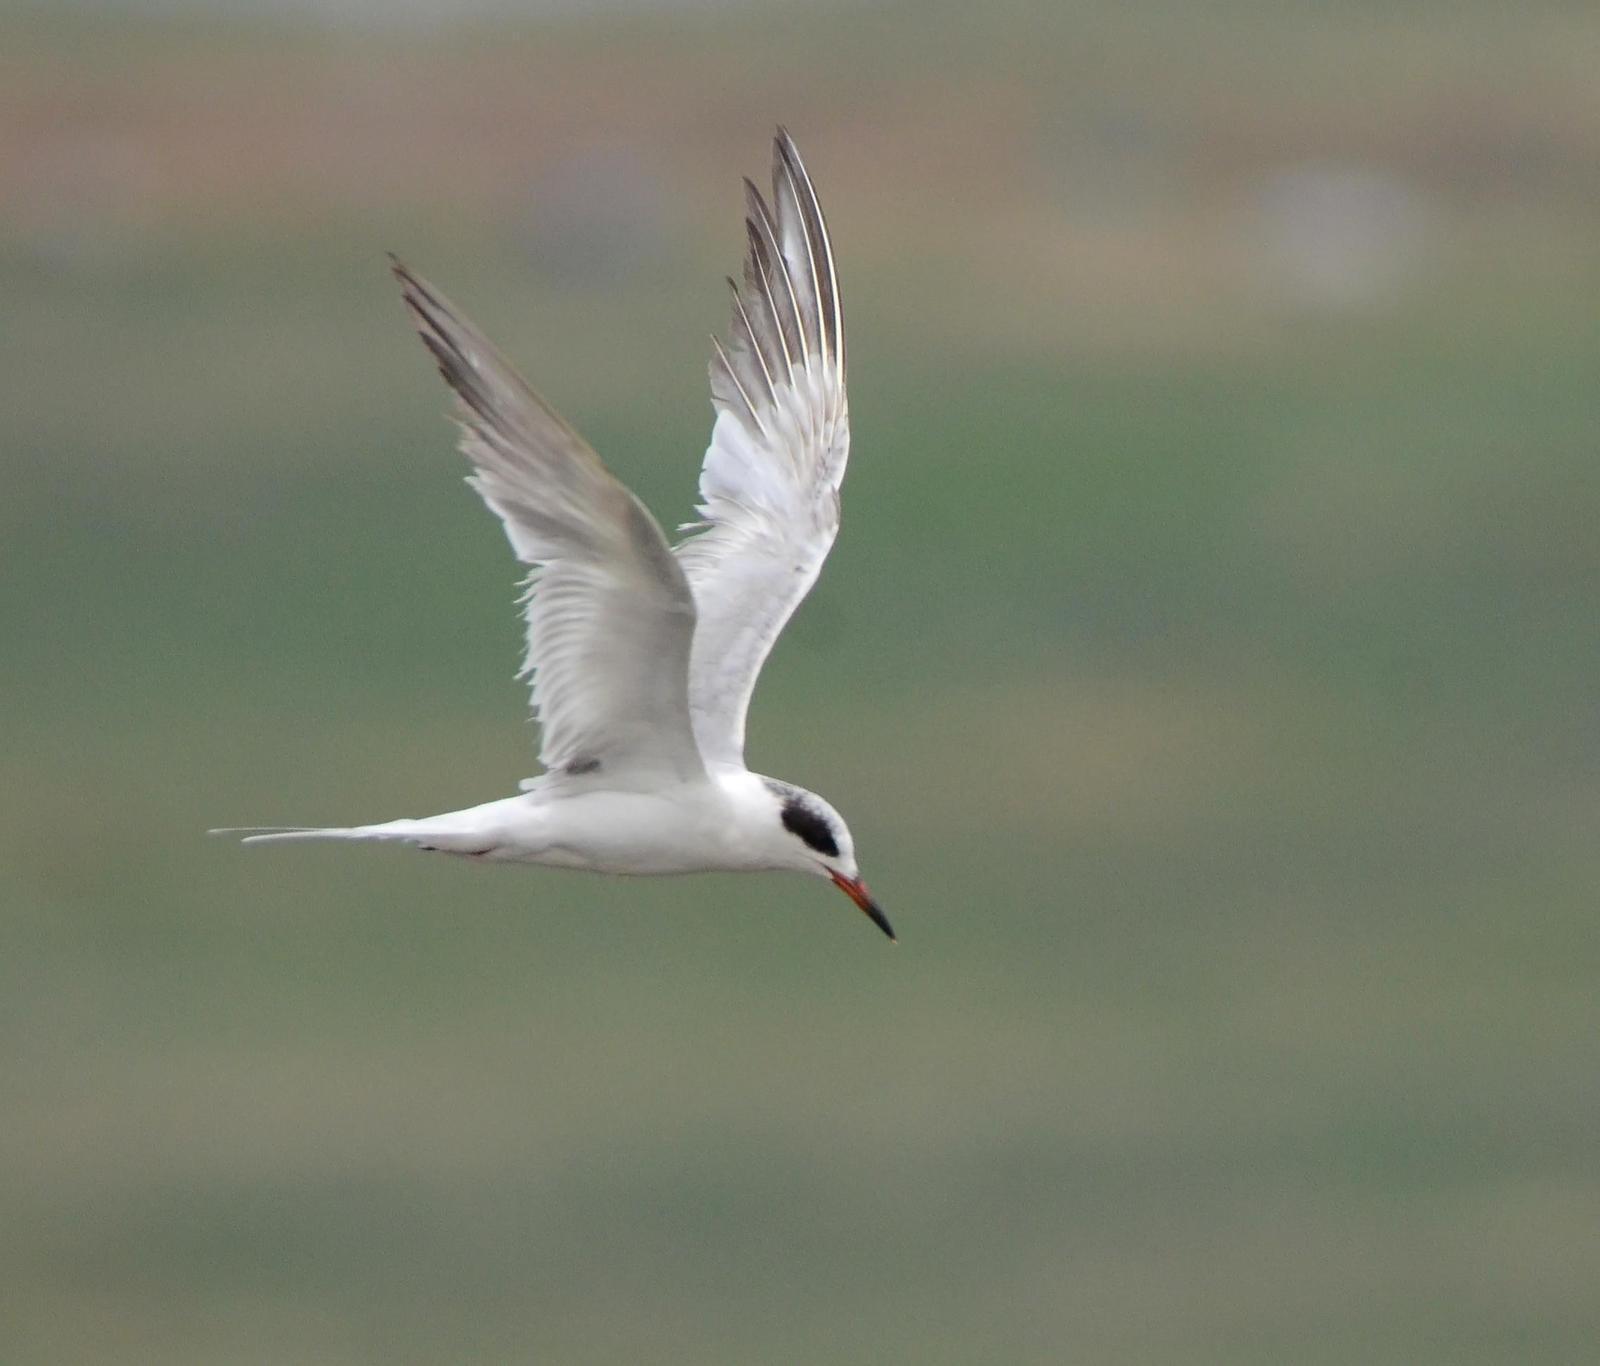 Forster's Tern Photo by Steven Mlodinow